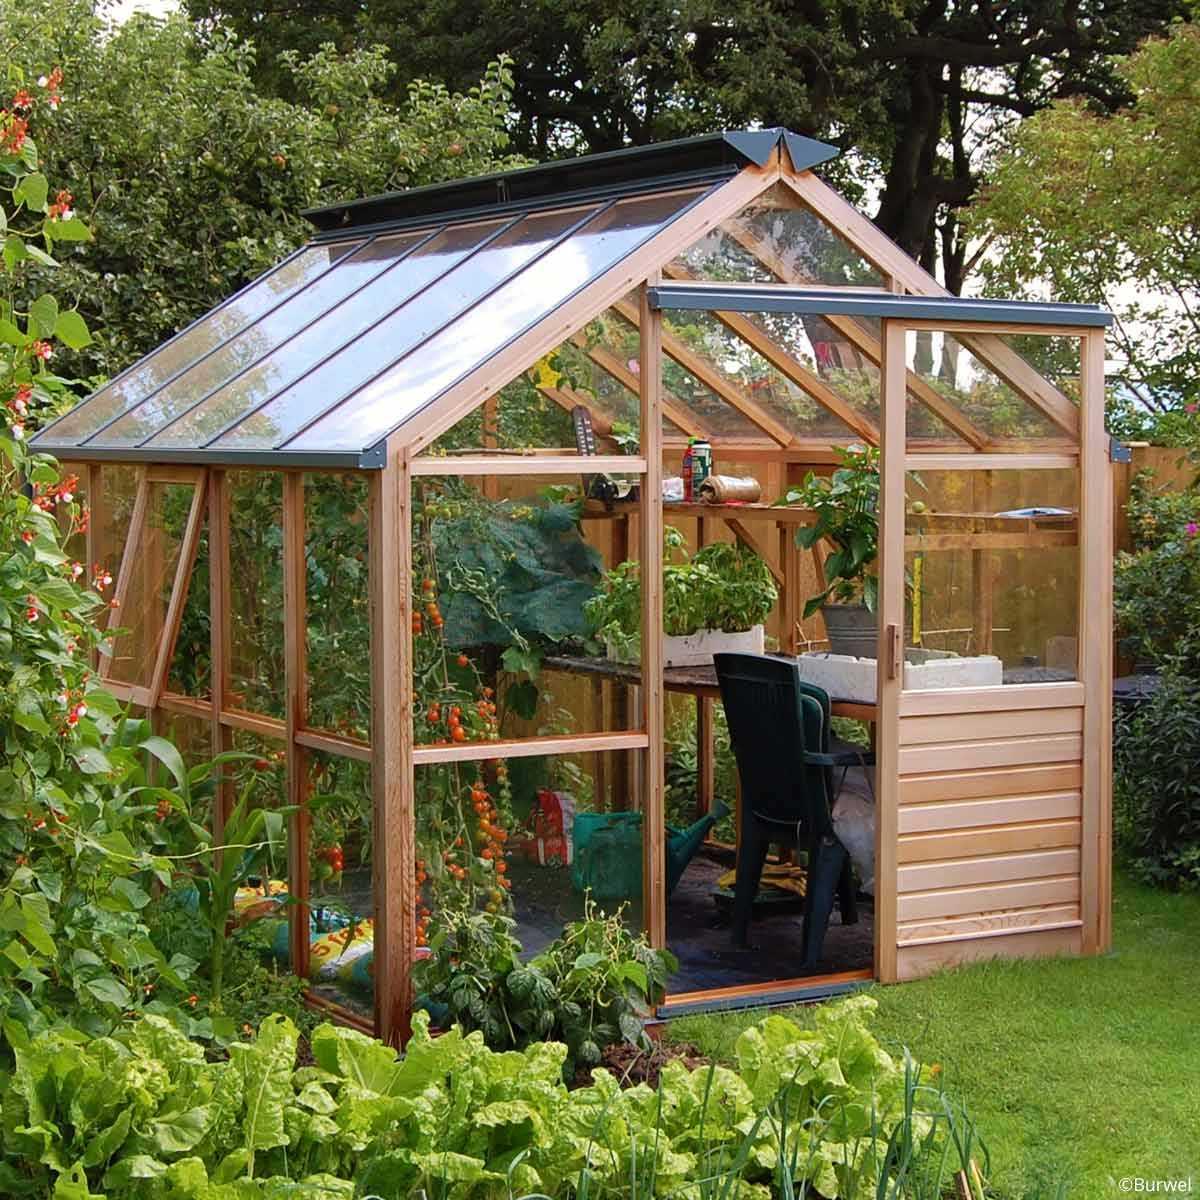 serre de jardin en bois classic eight gabriel ash 5 panneaux vente au meilleur prix jardins